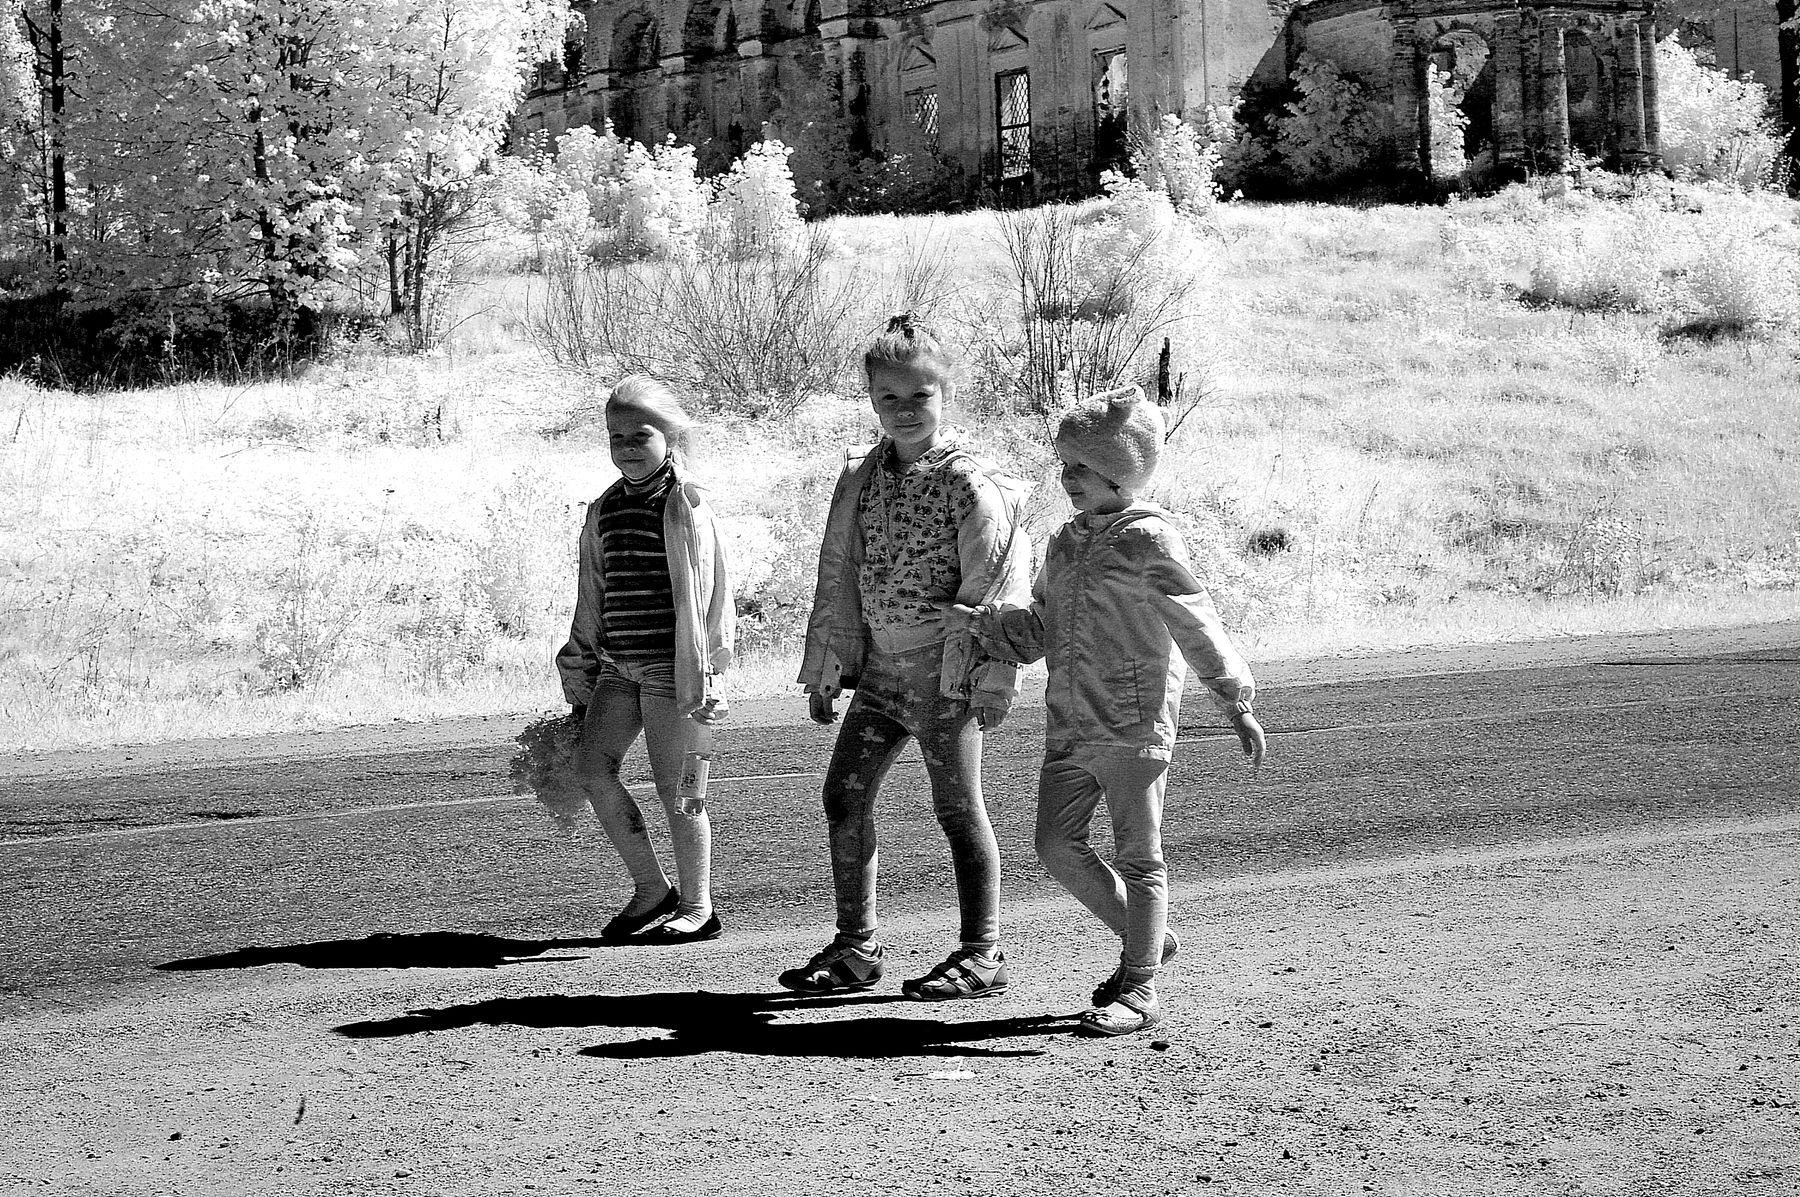 На обочине....Ярославская губерния.Р.Ф.2021г.г. от Р.Х. Инфракрасная,чёрно-белая,монохромная, фотография. (infrared imaging) Инфракрасная чёрно-белая монохромная фотография infrared imaging